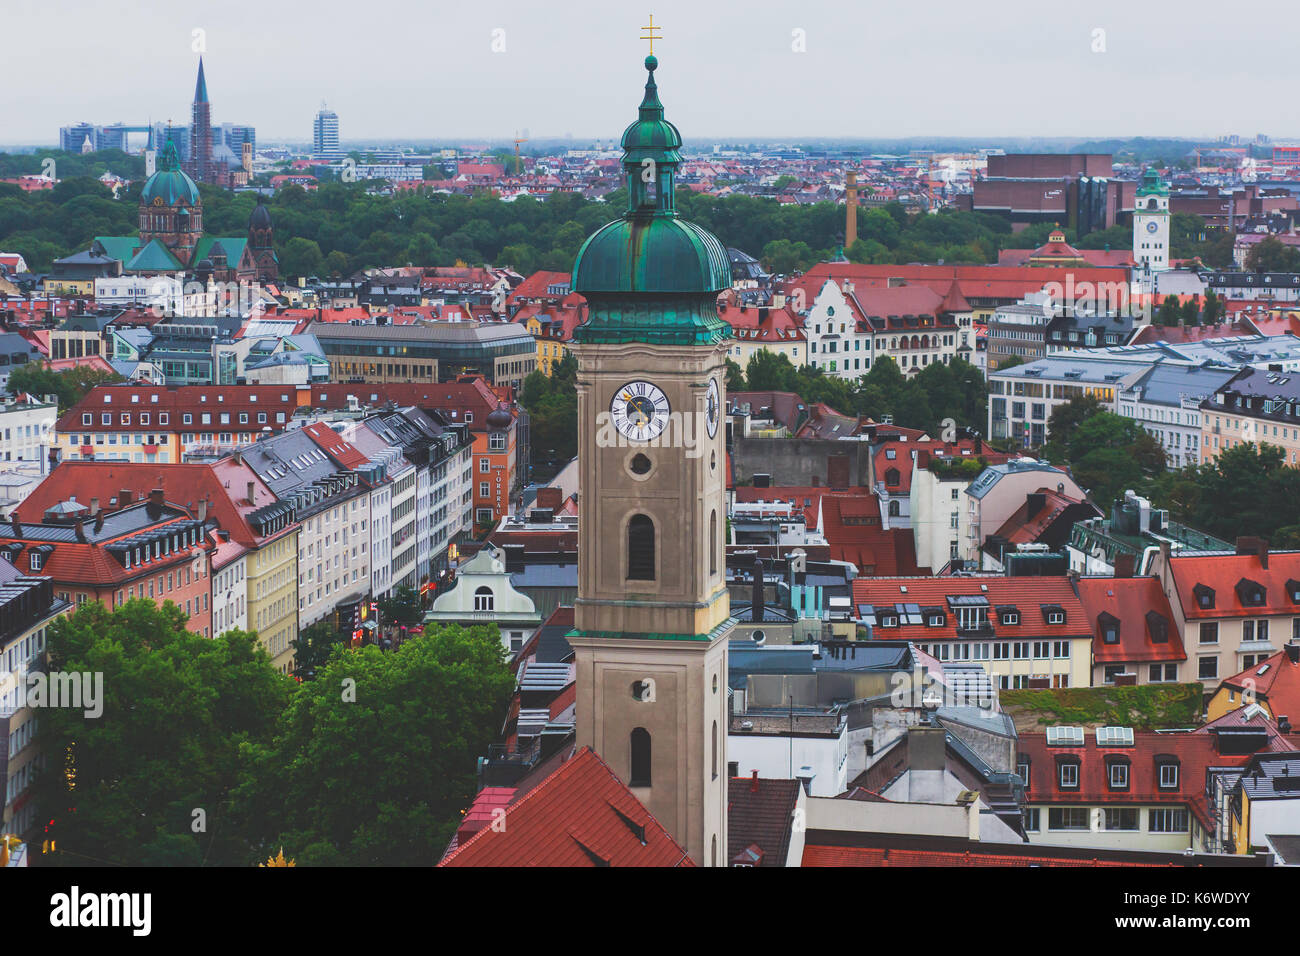 Hermosa vista aérea super amplia y soleada de Munich, Bayern, Baviera, Alemania con el horizonte y el paisaje más allá de la ciudad, visto desde la altura Foto de stock